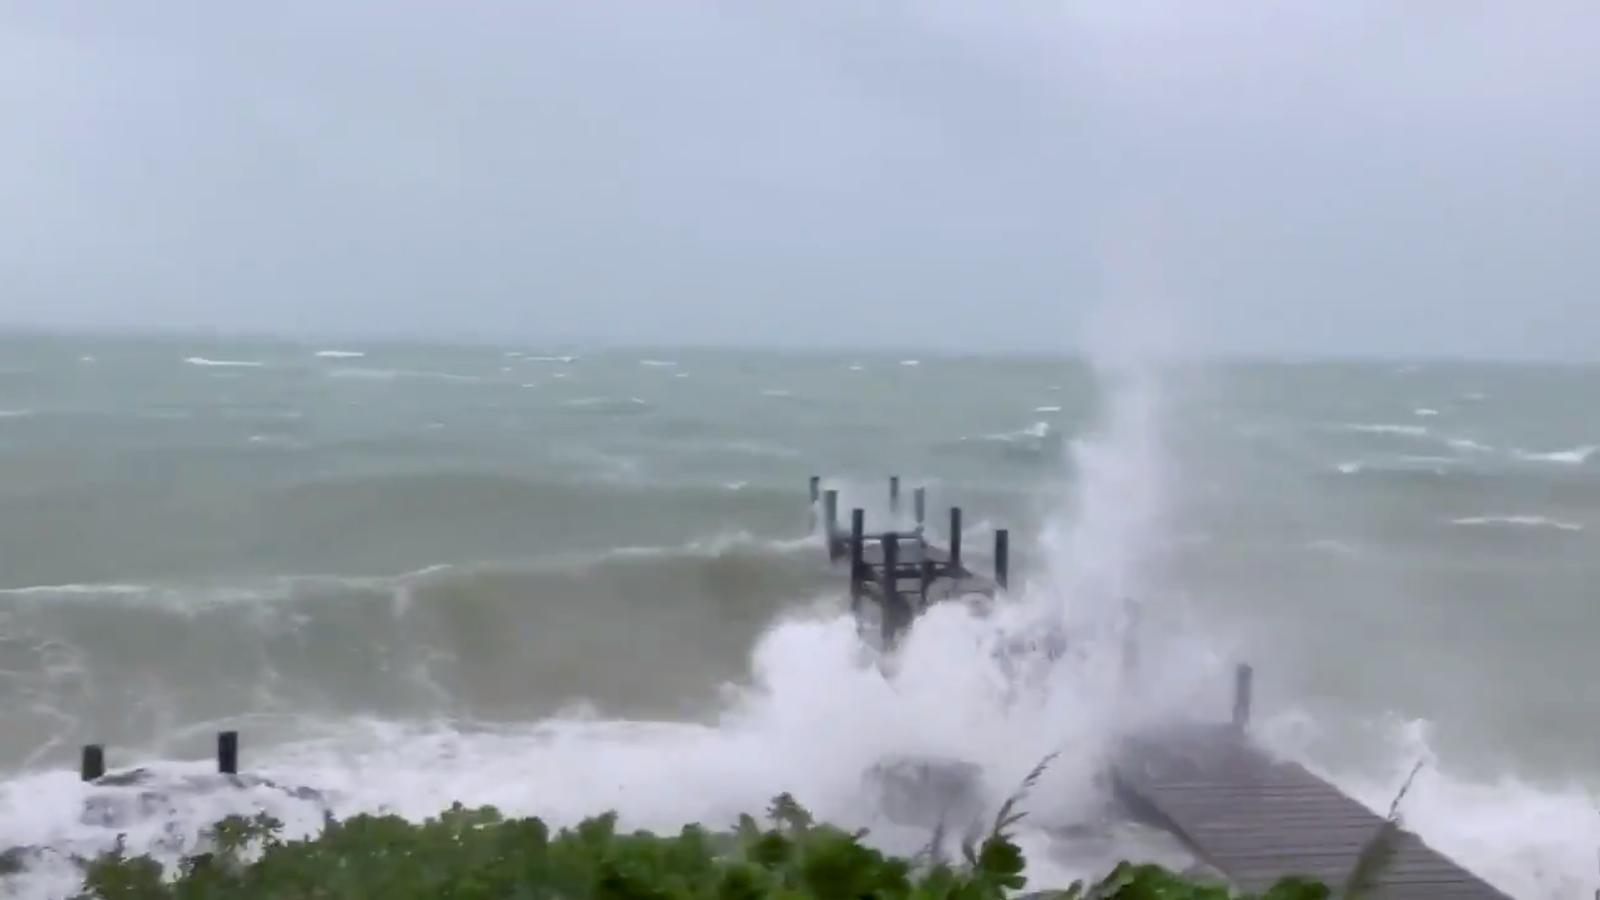 El 'Dorian' arriba a les Bahames com l'huracà més letal